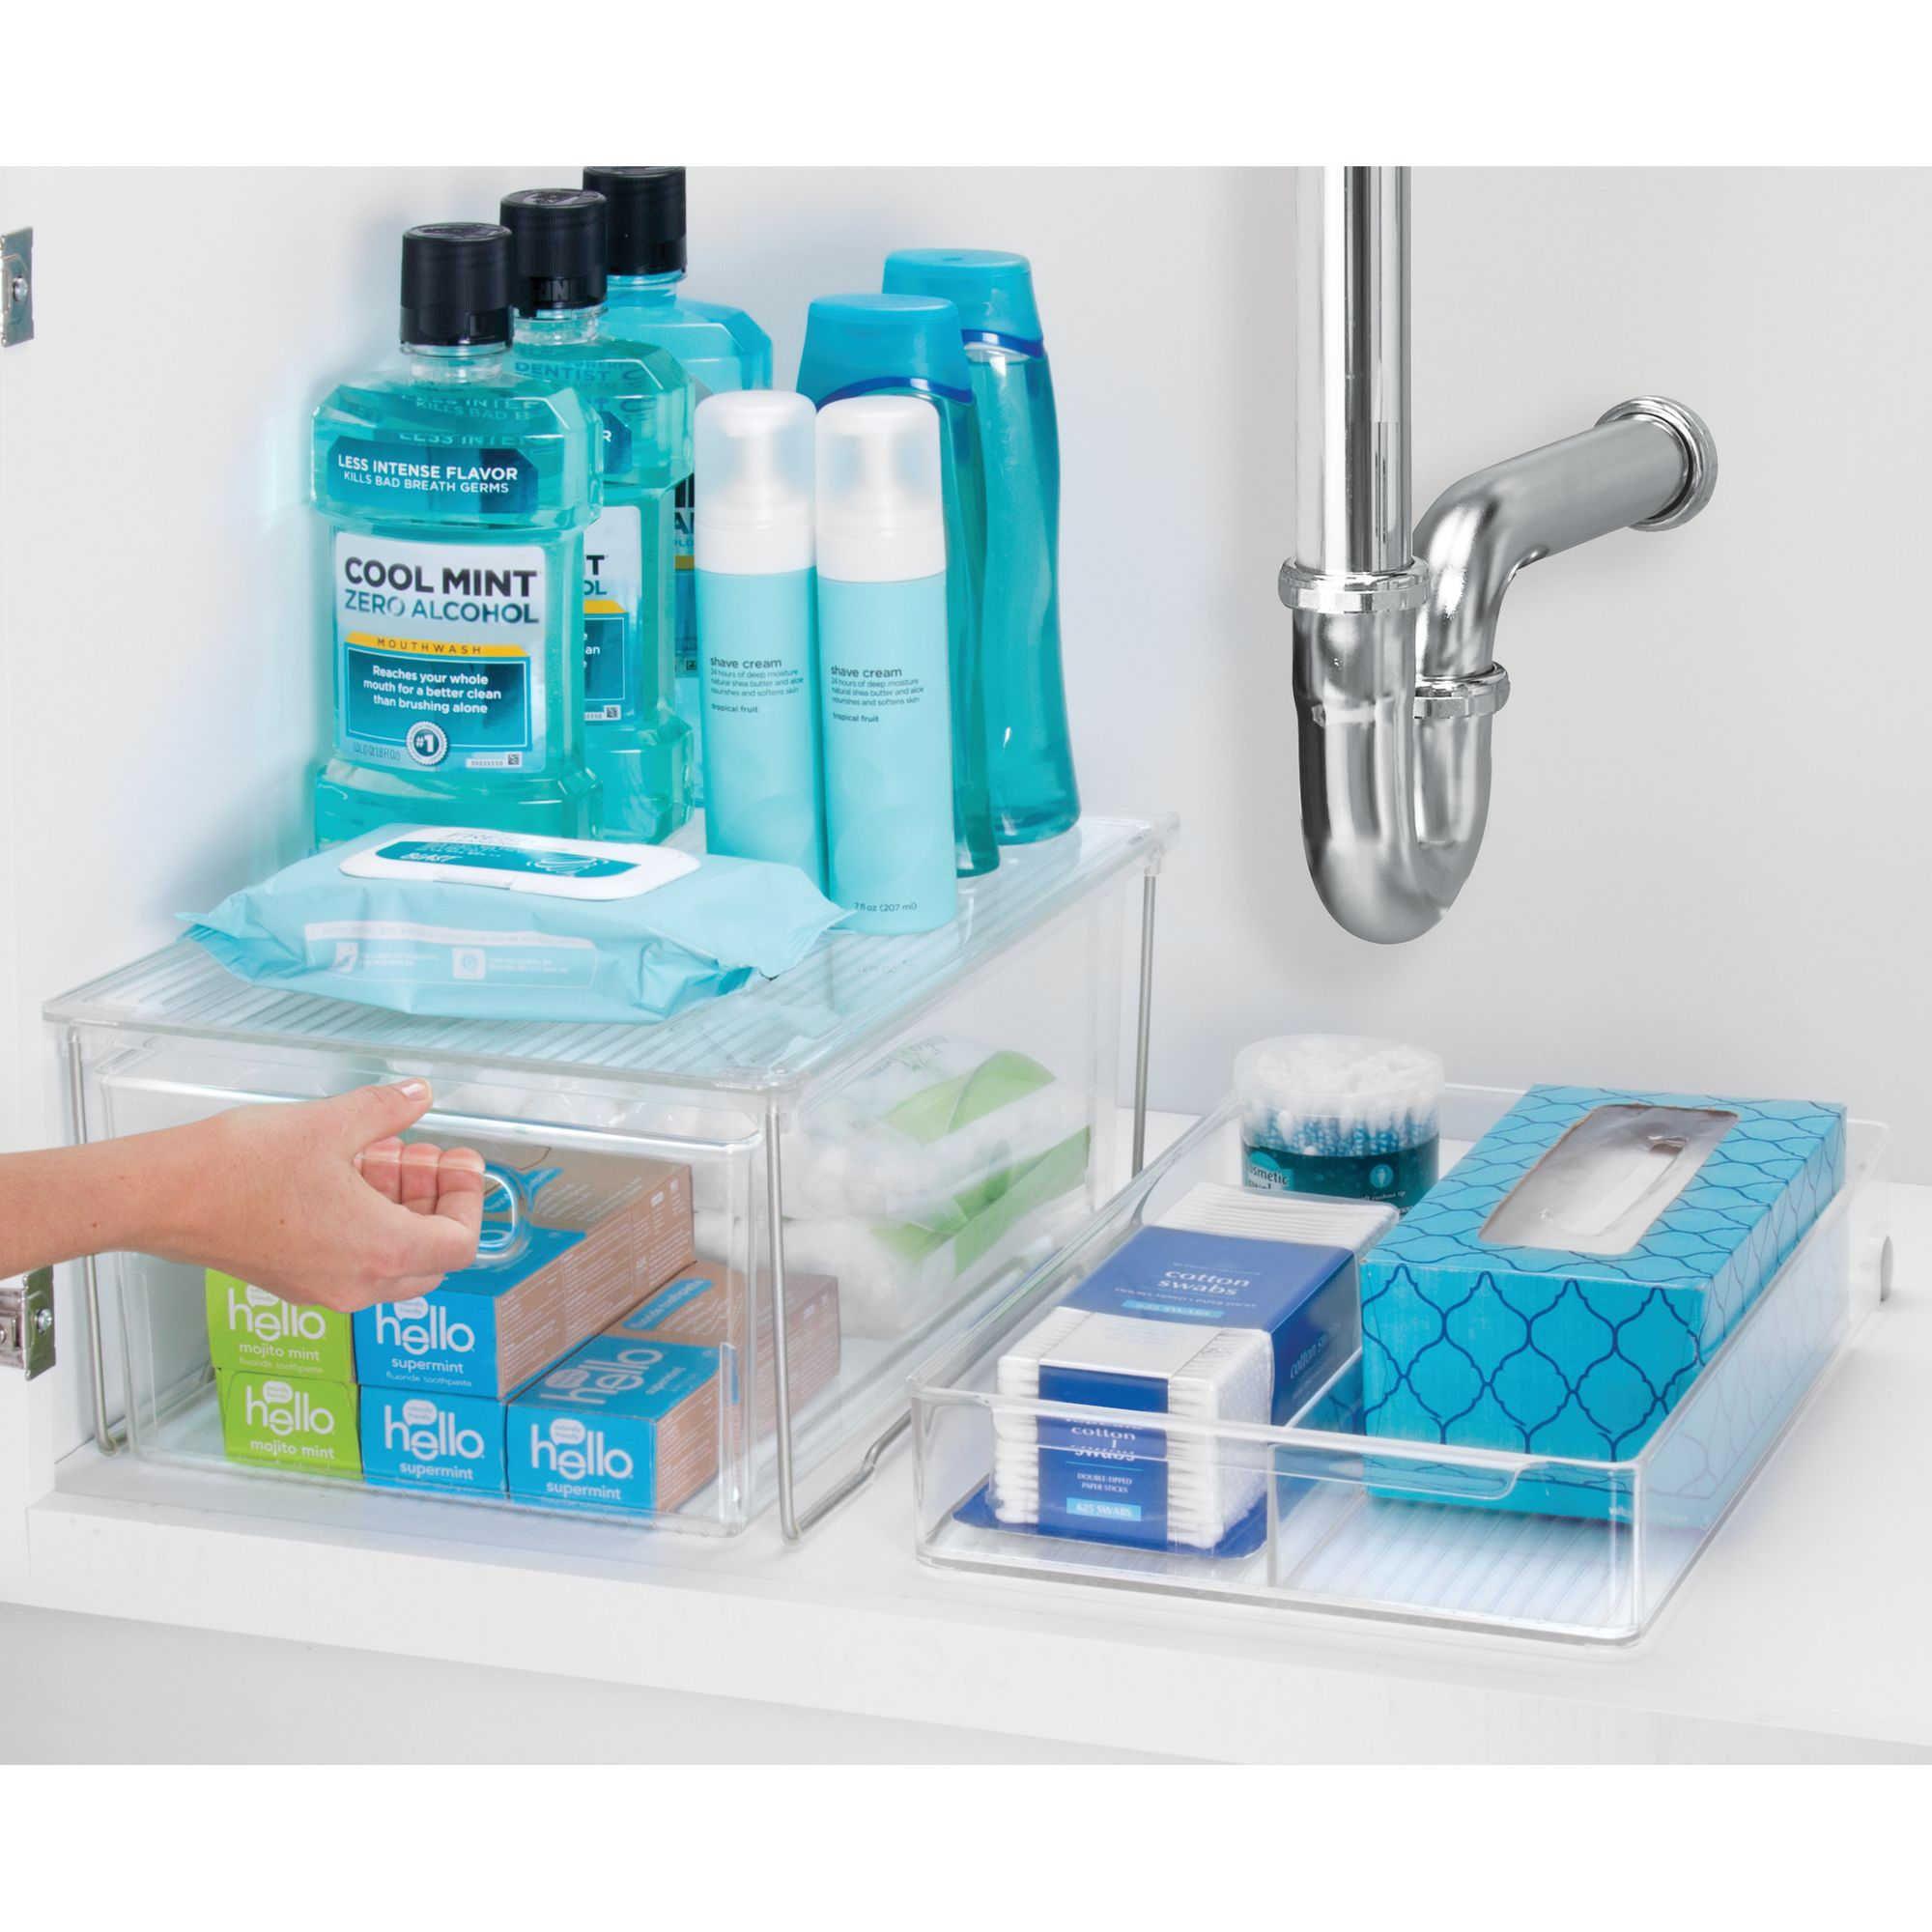 Idesign Clear Undersink Shelf Bed Bath Beyond Diy Bathroom Storage Bathroom Organisation Bathroom Organization